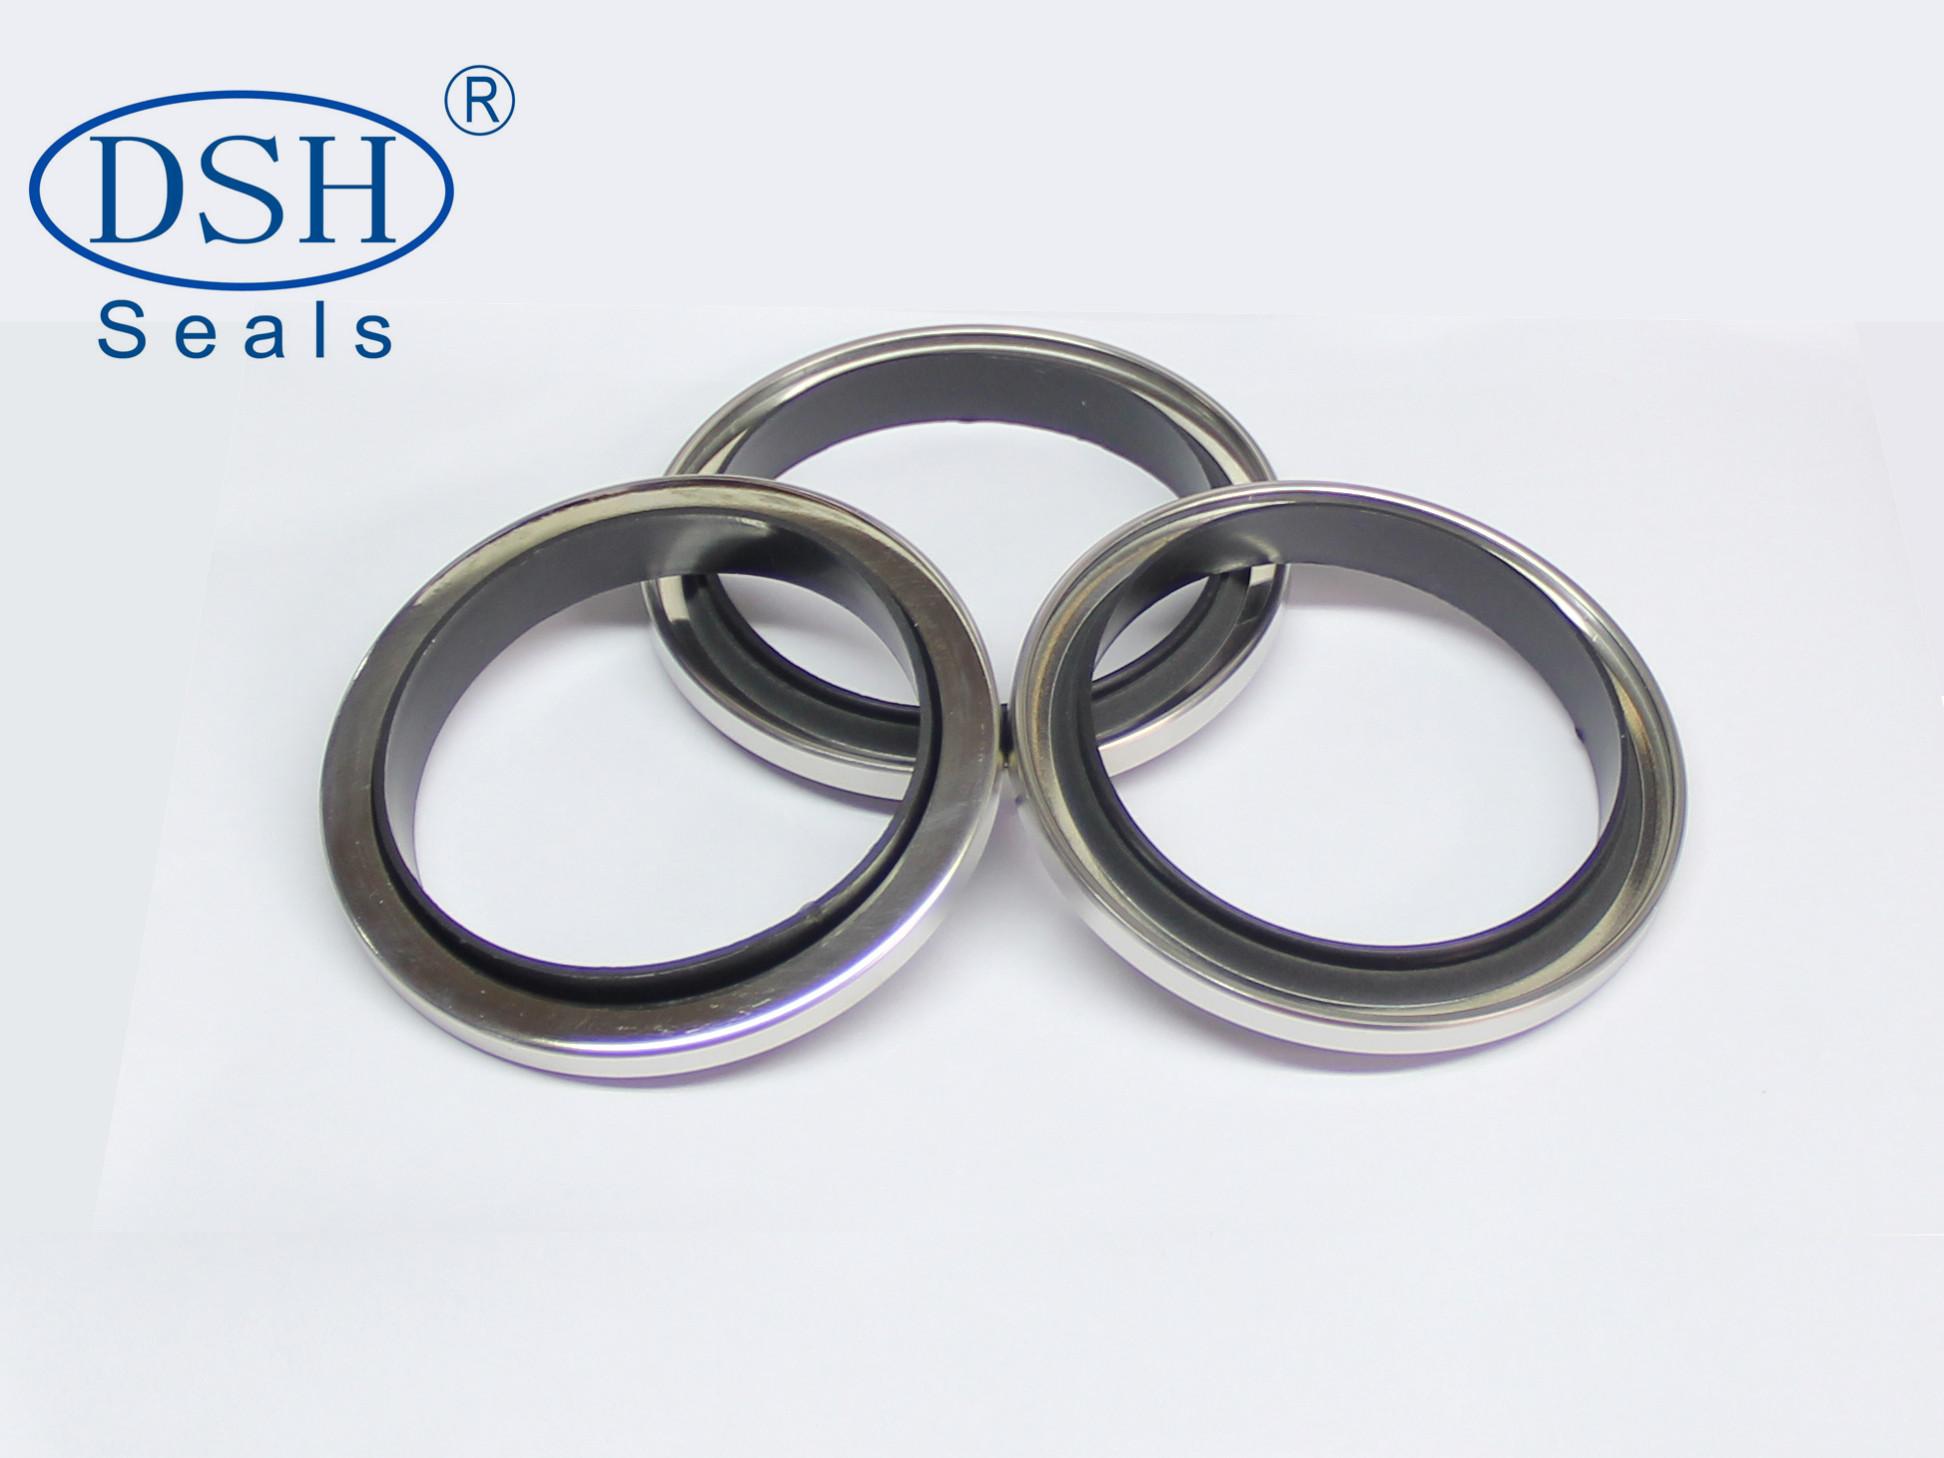 PTFE Lip Oil Seals Automotive Fork Oil Seals High Pressure High Temperatrue Oil Seals